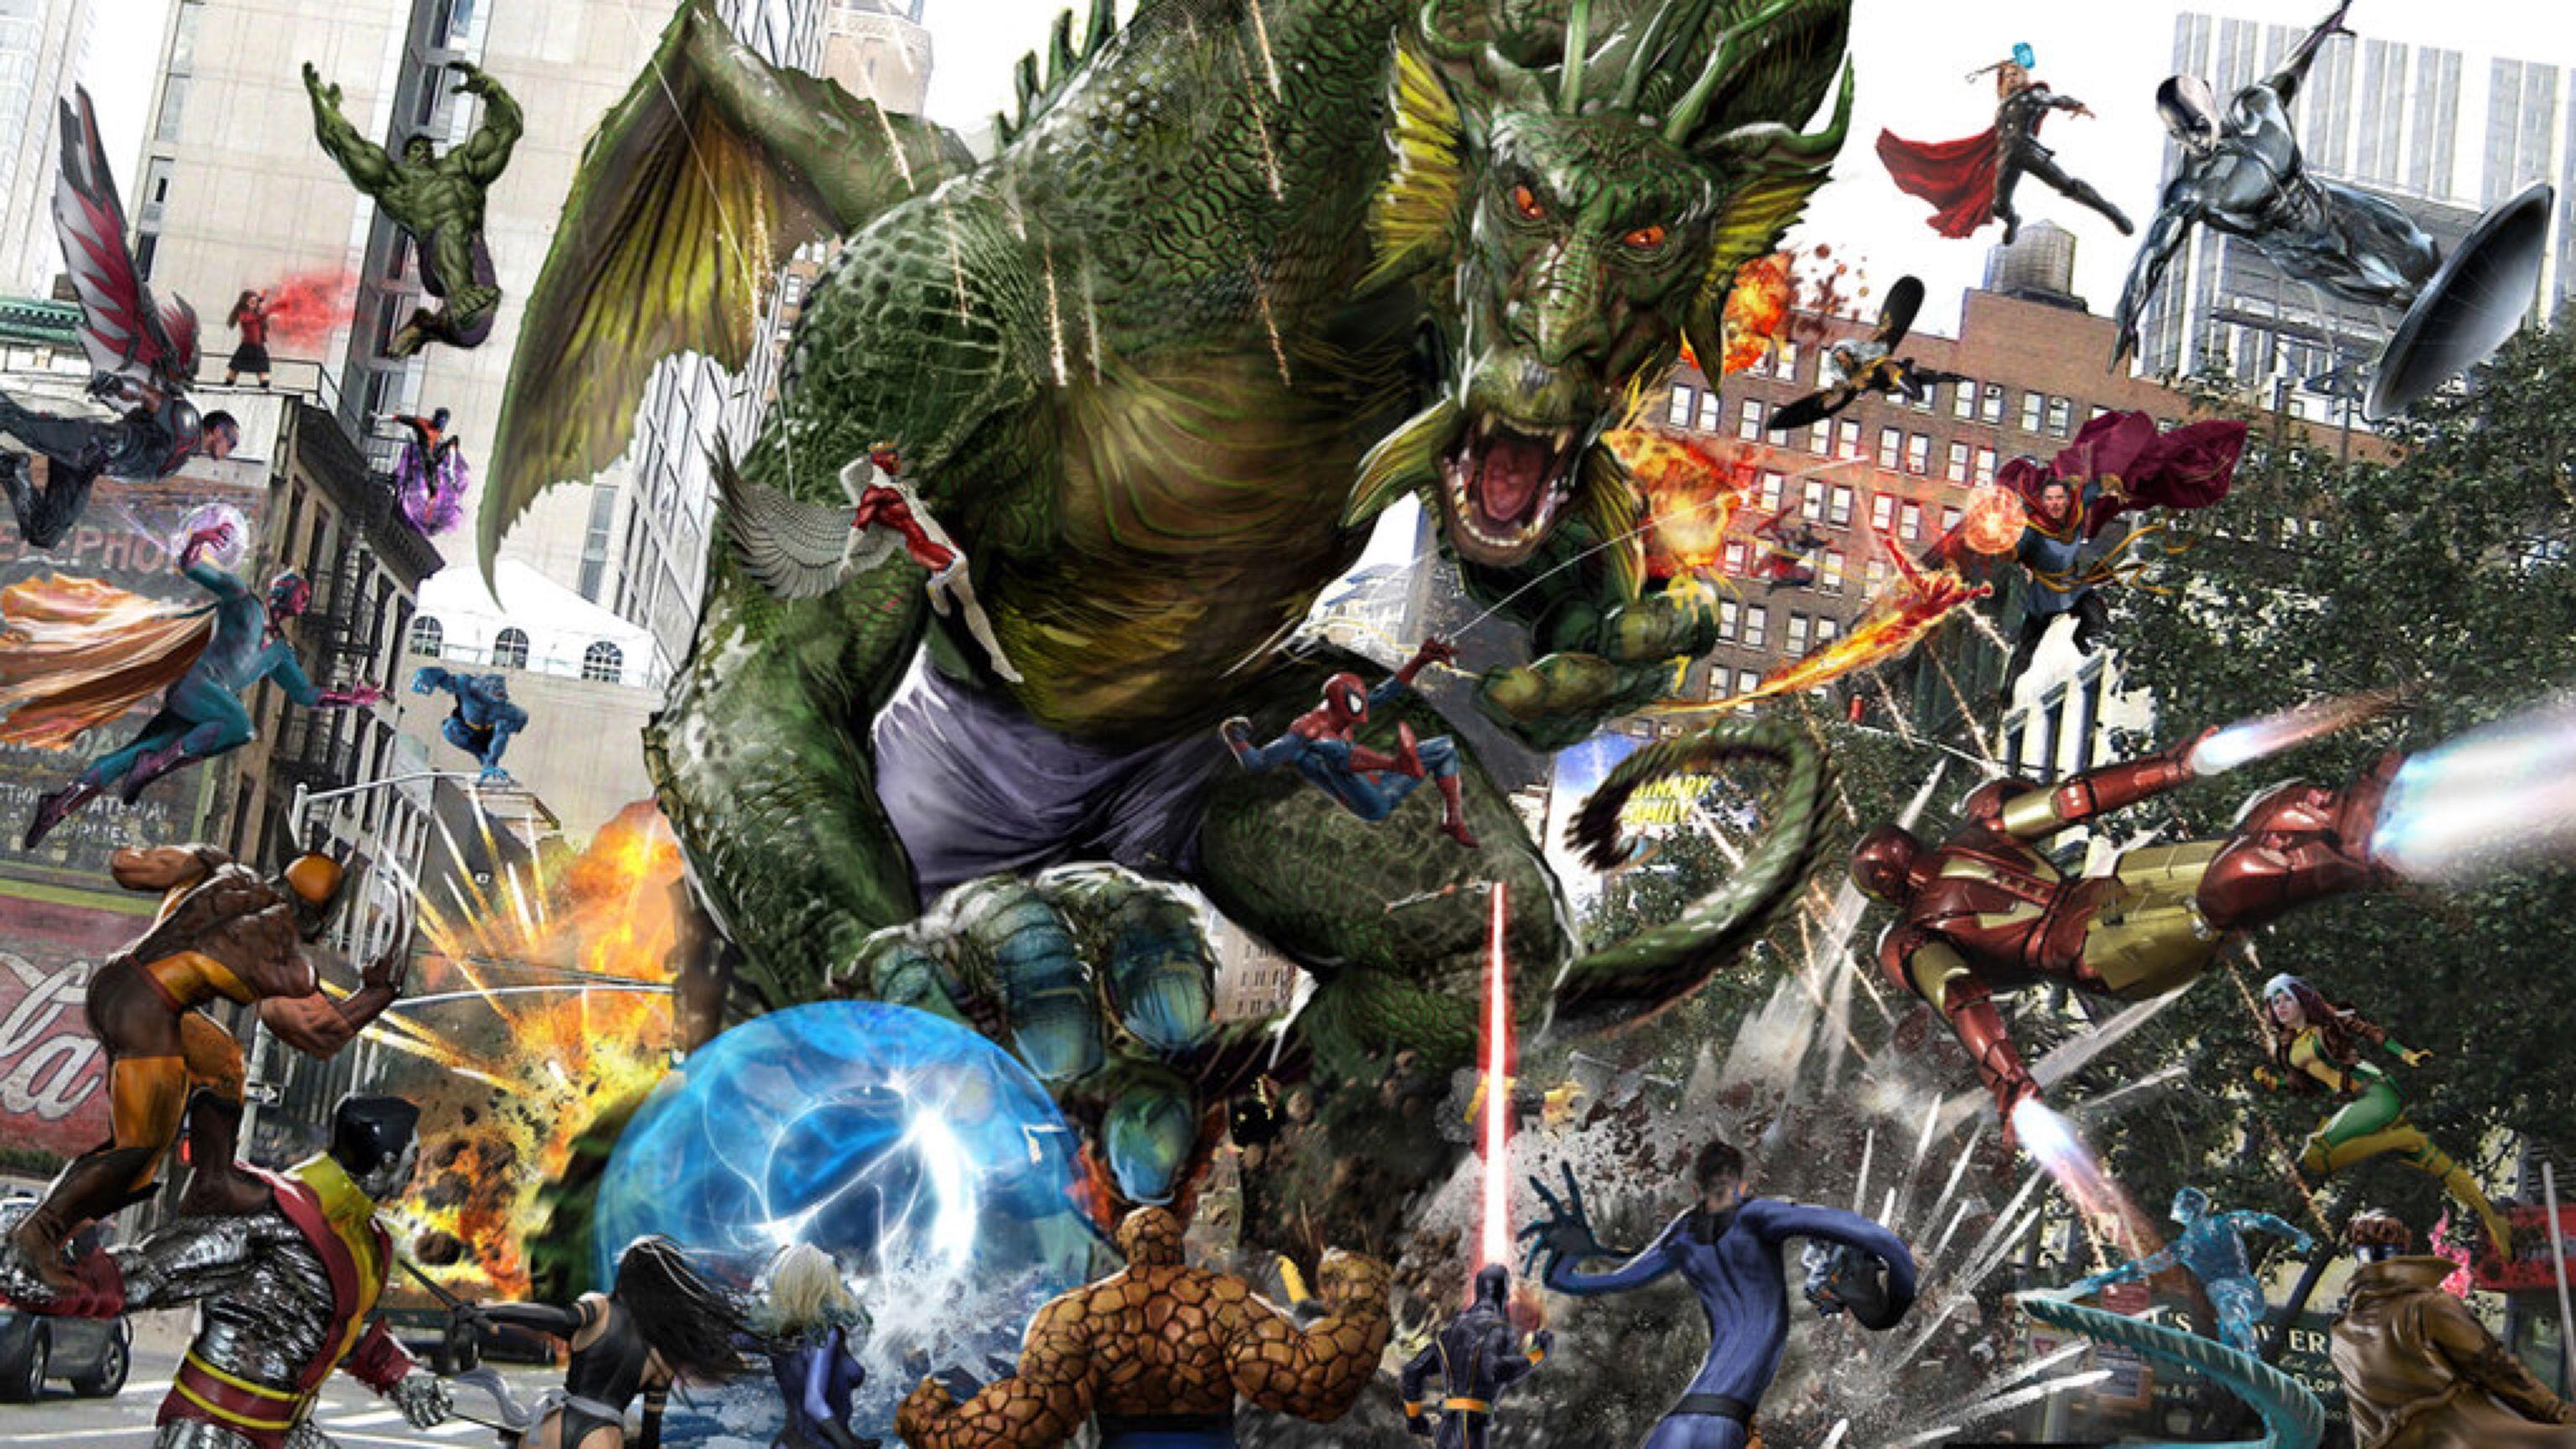 Fin Fang Foom WIP by uncannyknack | Avengers wallpaper, Special ...